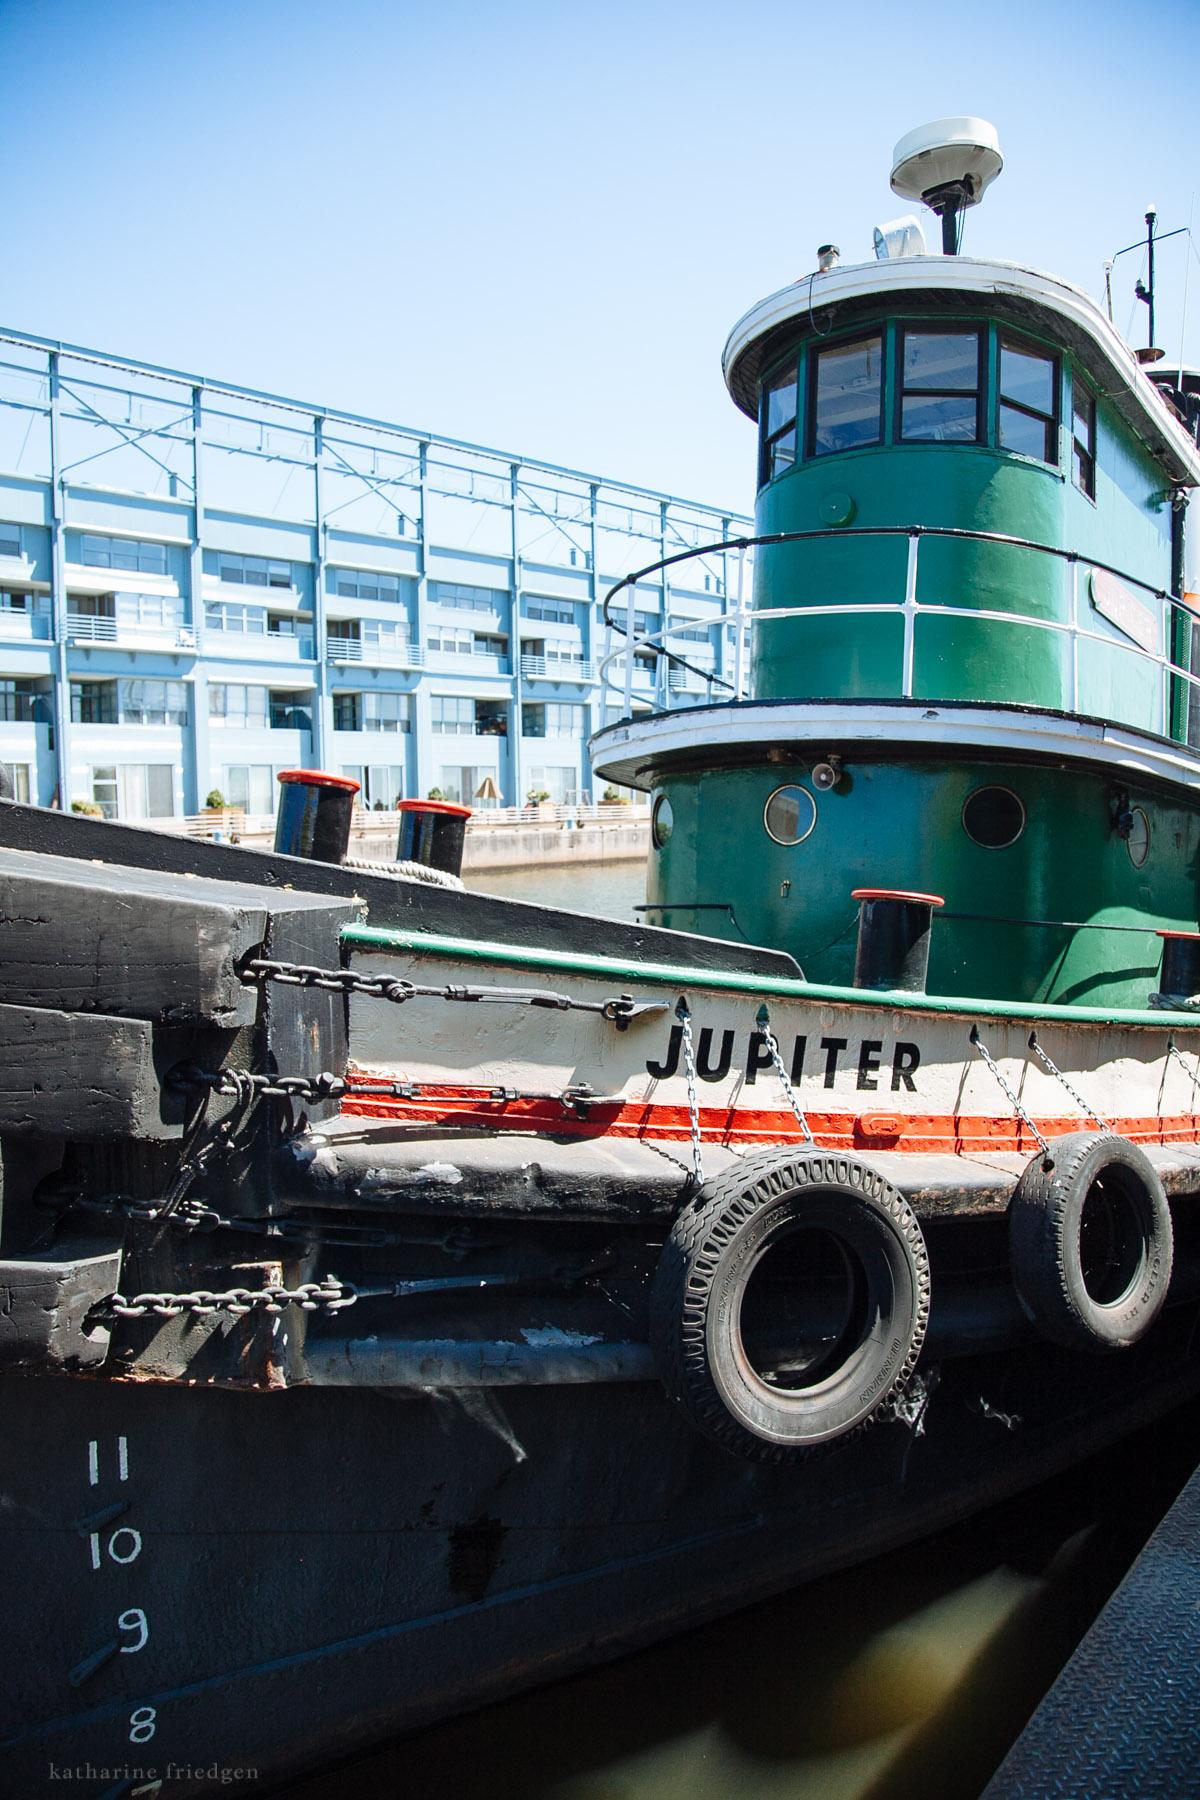 jupiter tugboat